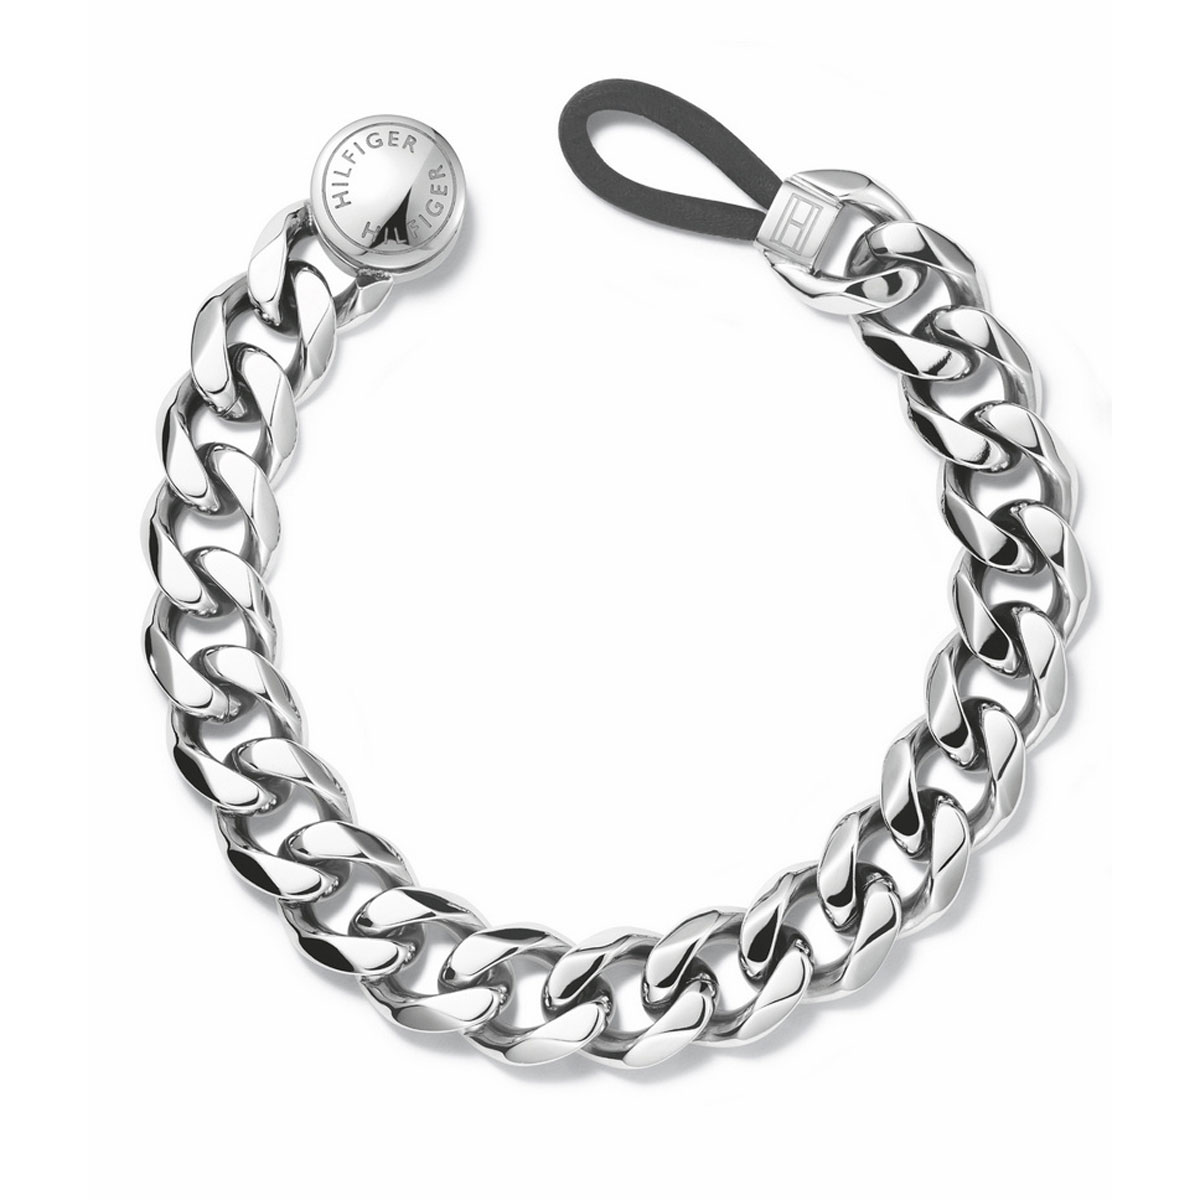 tommy hilfiger men 39 s bracelet with stainless steel 2700958. Black Bedroom Furniture Sets. Home Design Ideas